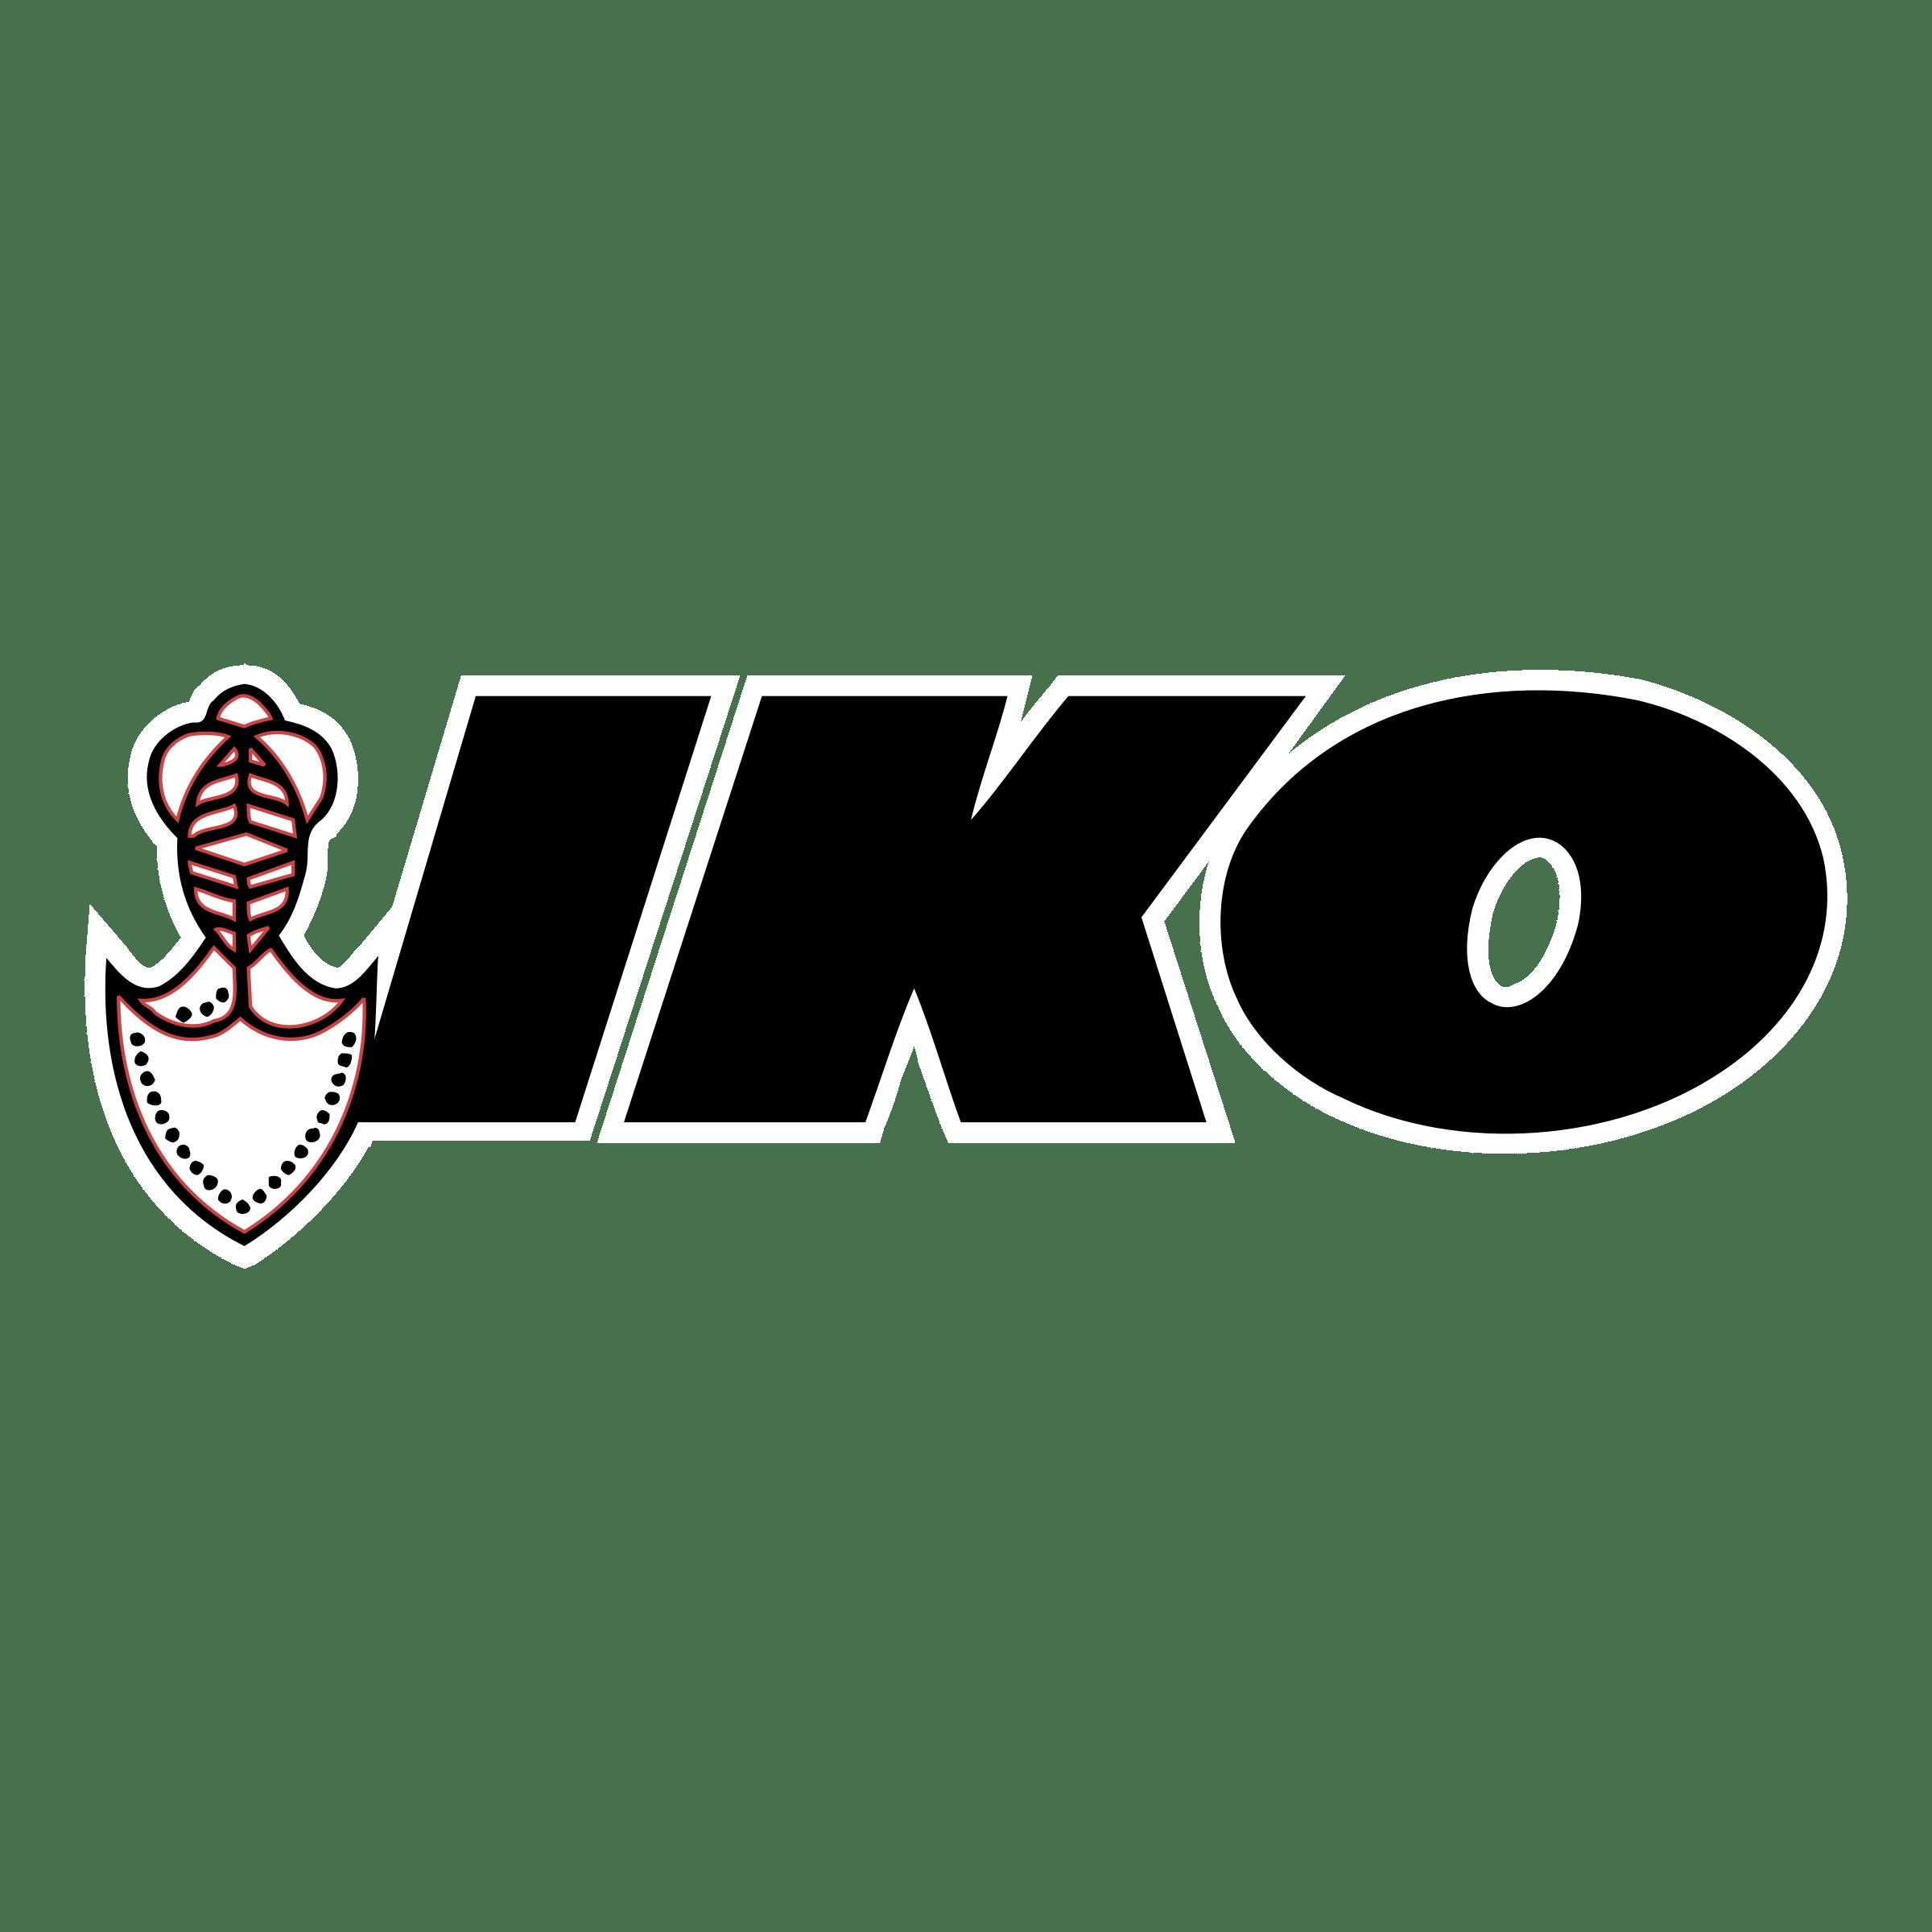 iko-1-logo-png-transparent